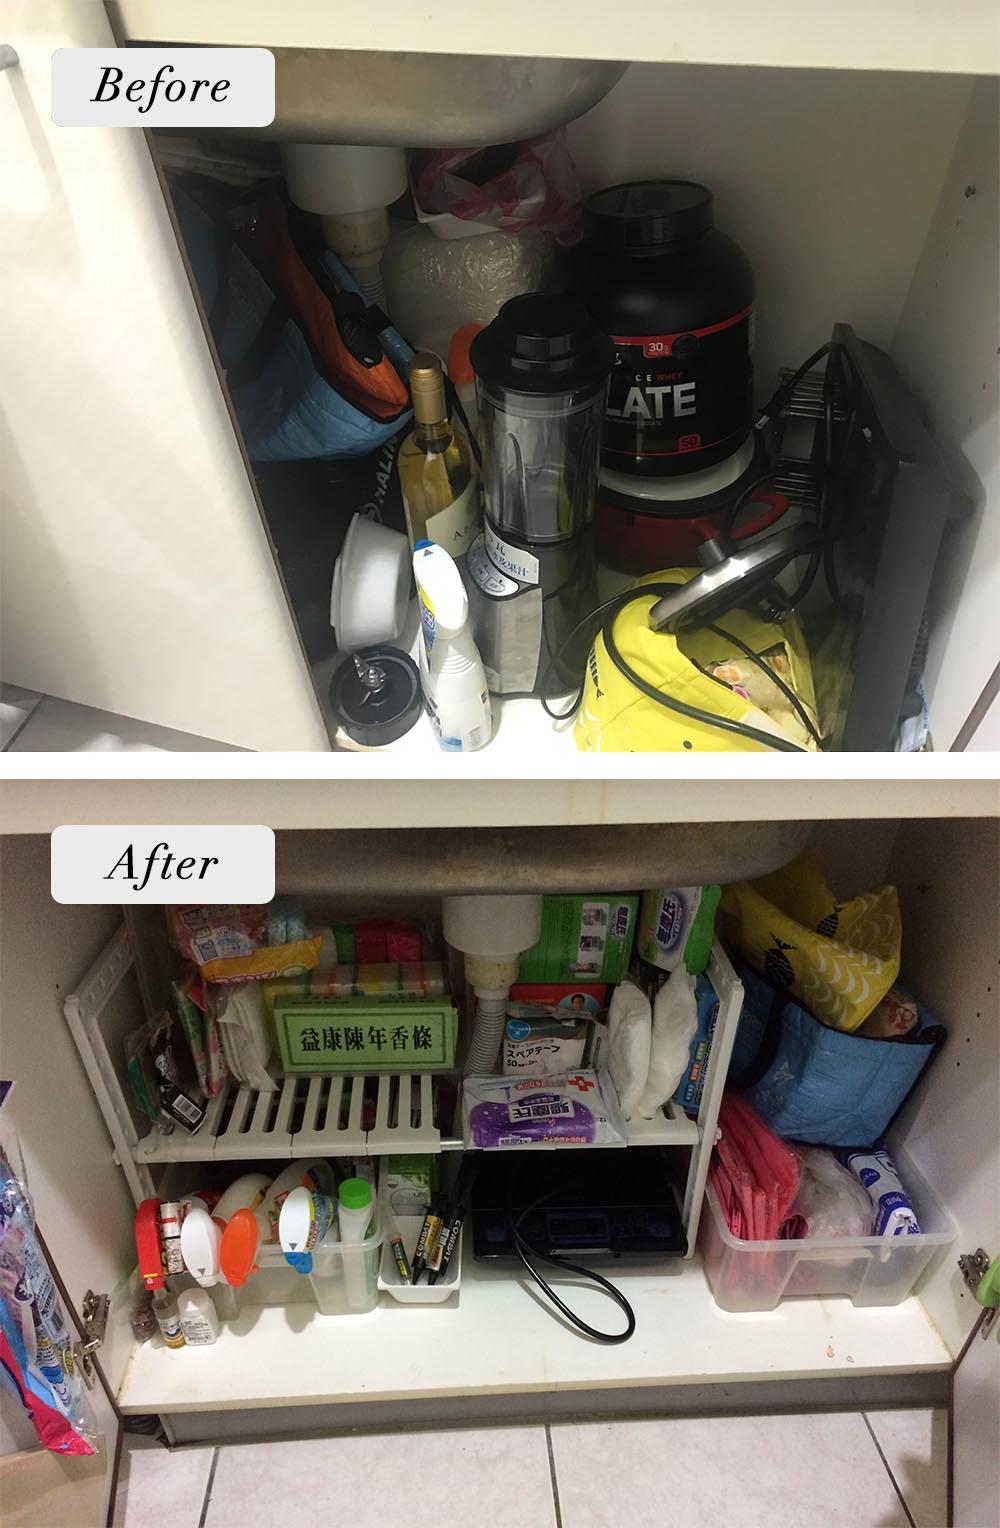 水槽下方的櫃子,本來沒有適當的分類,後來全部改放清潔用品。也好在委託人有買對層架。